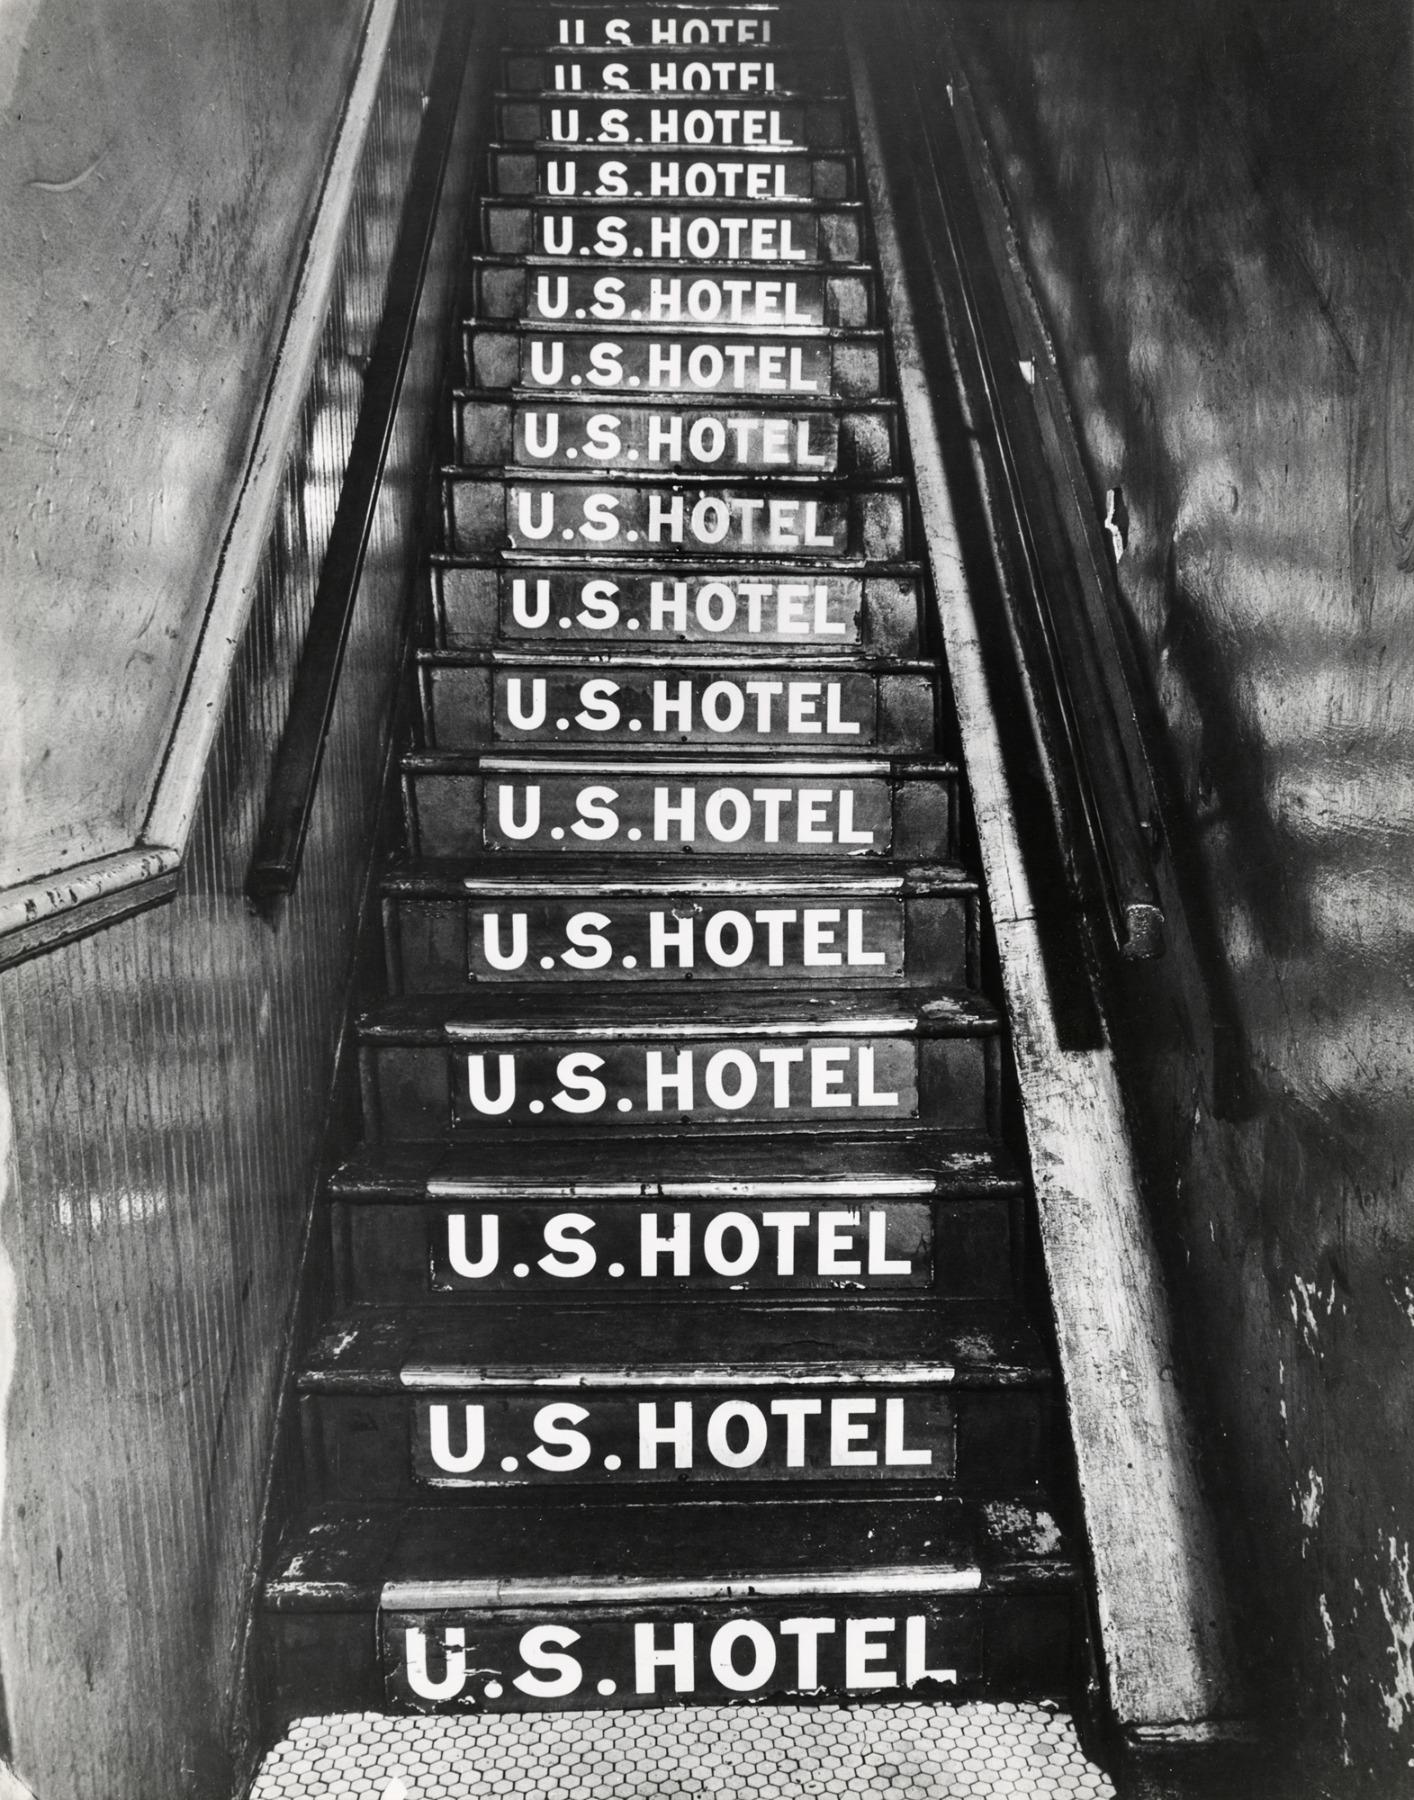 Weegee, U.S. Hotel at 263 Bowery, 1943-45, © Weegee / ICP